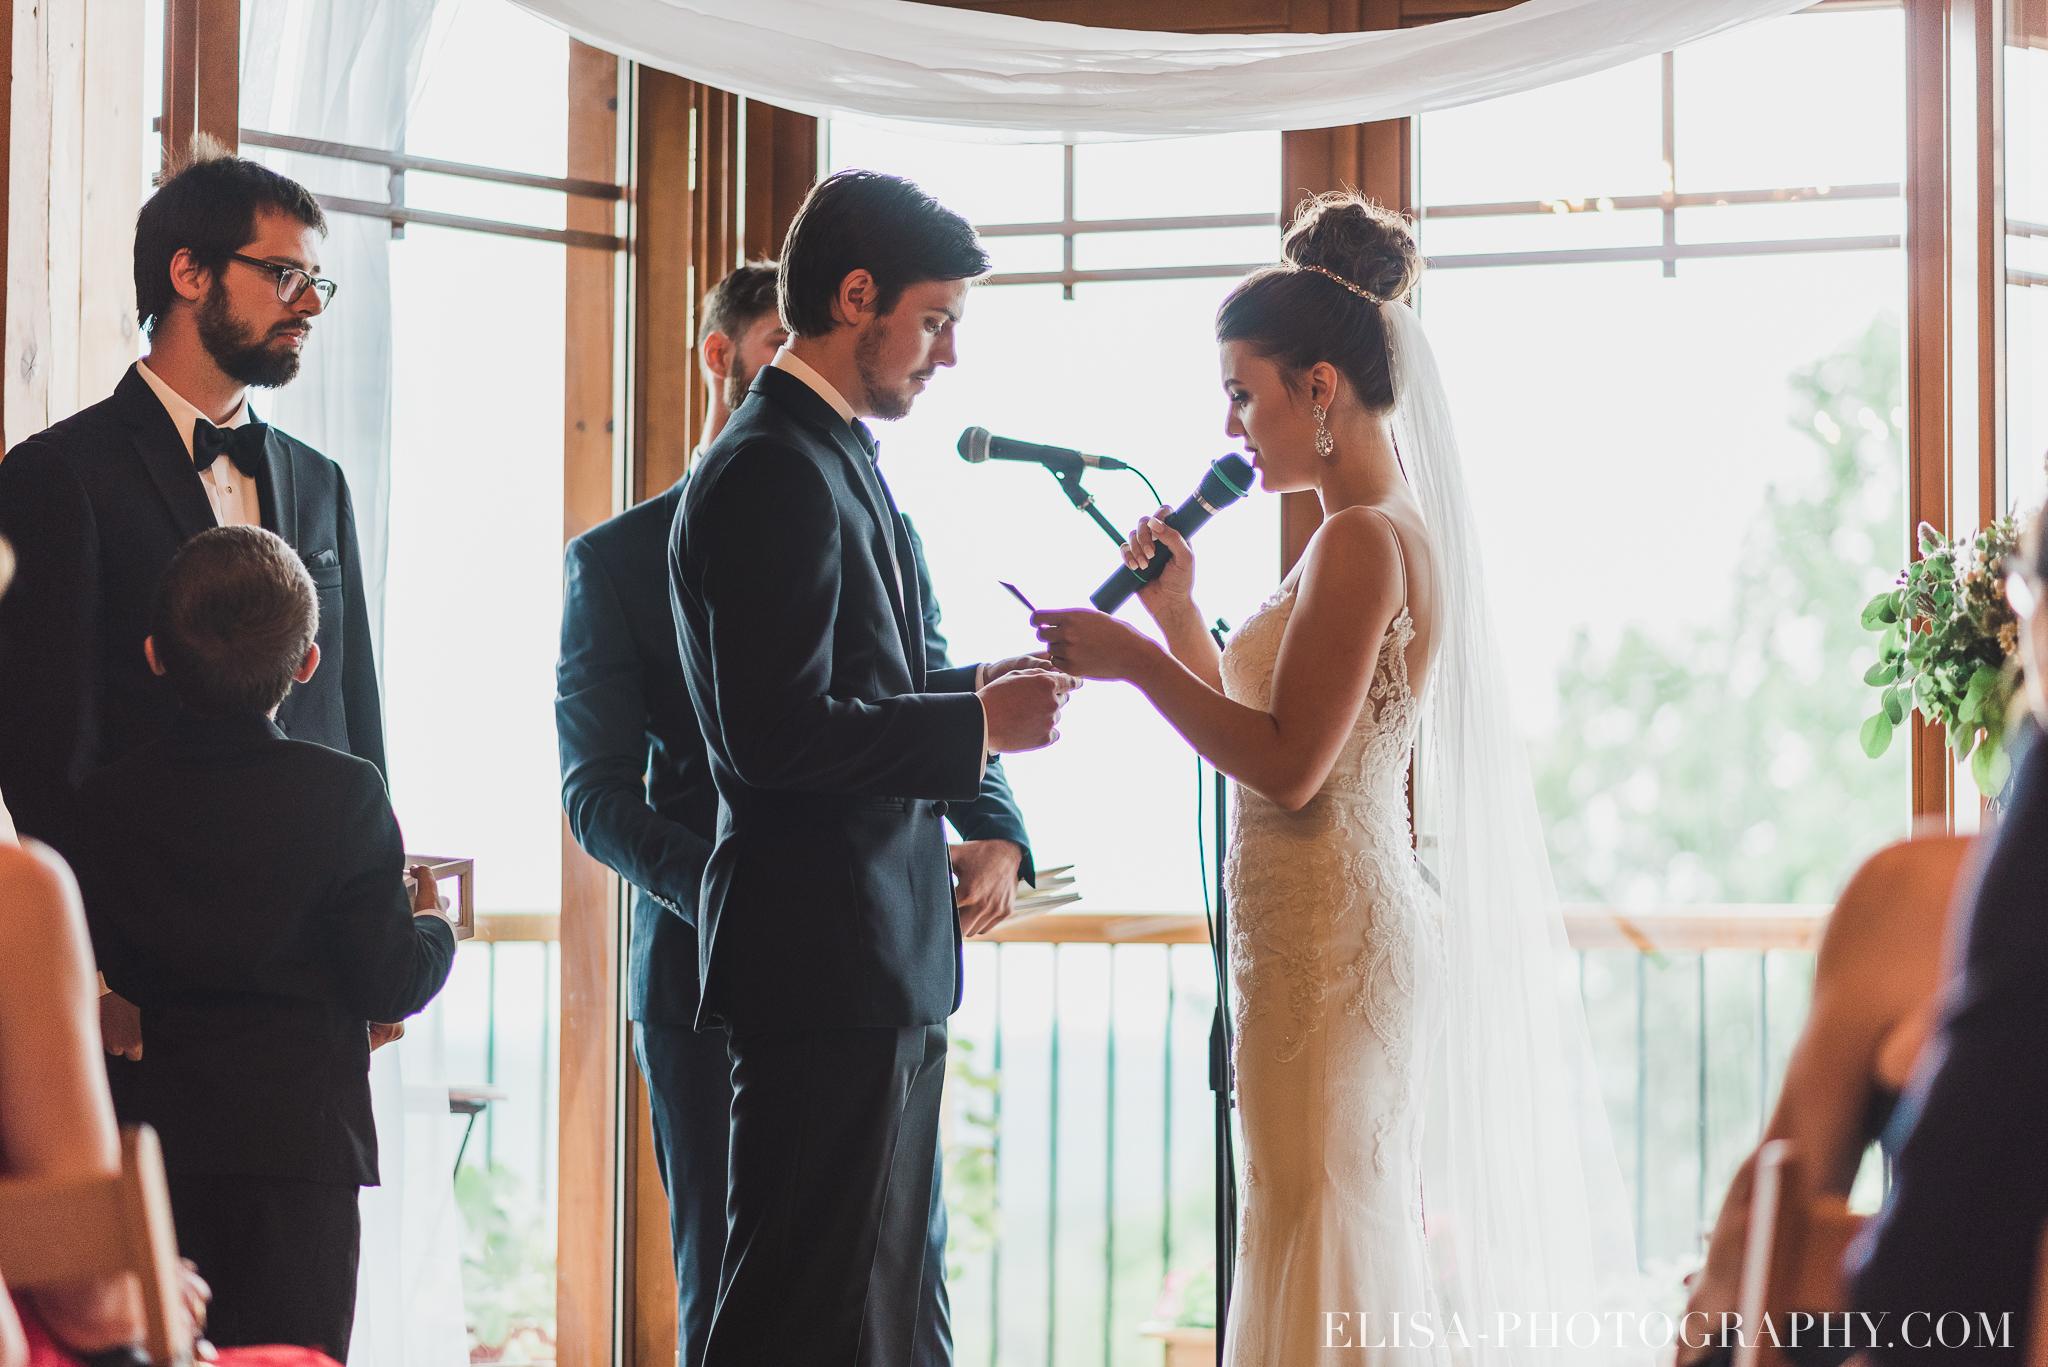 photo mariage a la montagne domaine tomali maniatin ceremonie voeux echange des alliances 6048 - Mariage à la montagne au domaine Tomali-Maniatyn